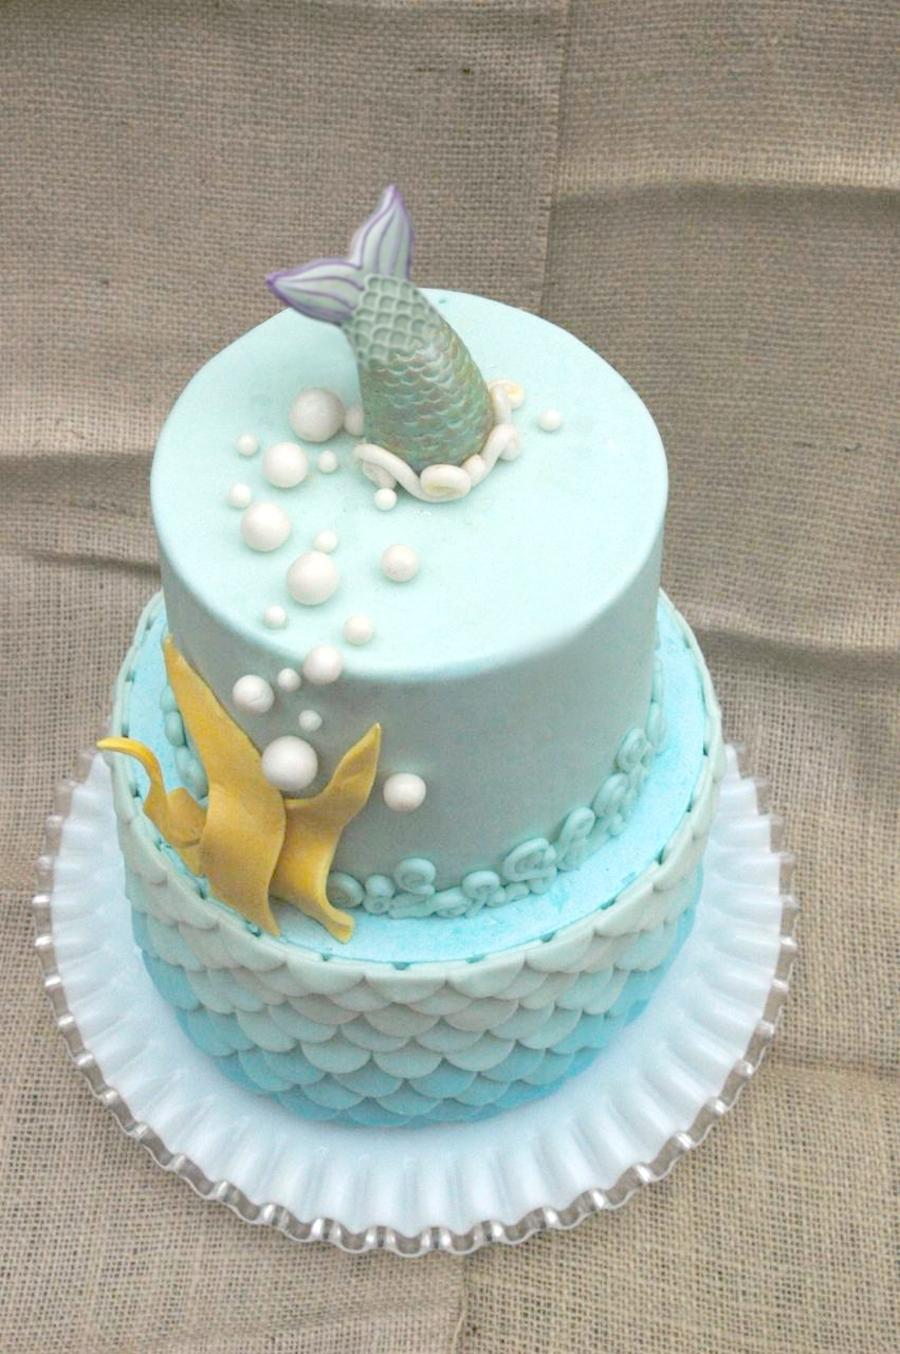 Blue Ombre Cake Recipe